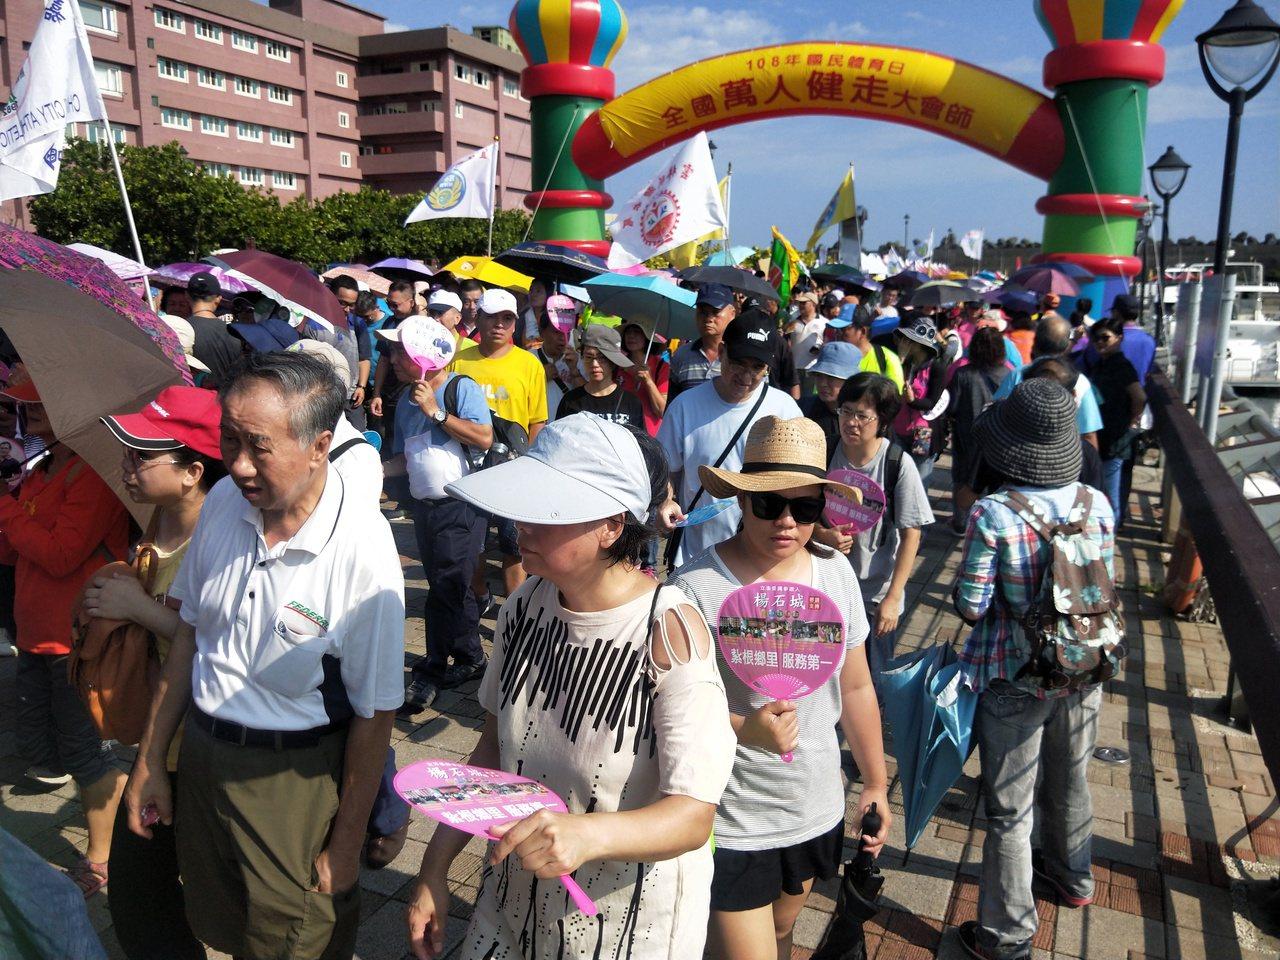 為慶祝國民體育日舉辦的全國萬人健走大會師,今天上午在碧砂漁港舉行,來自全國各縣市...